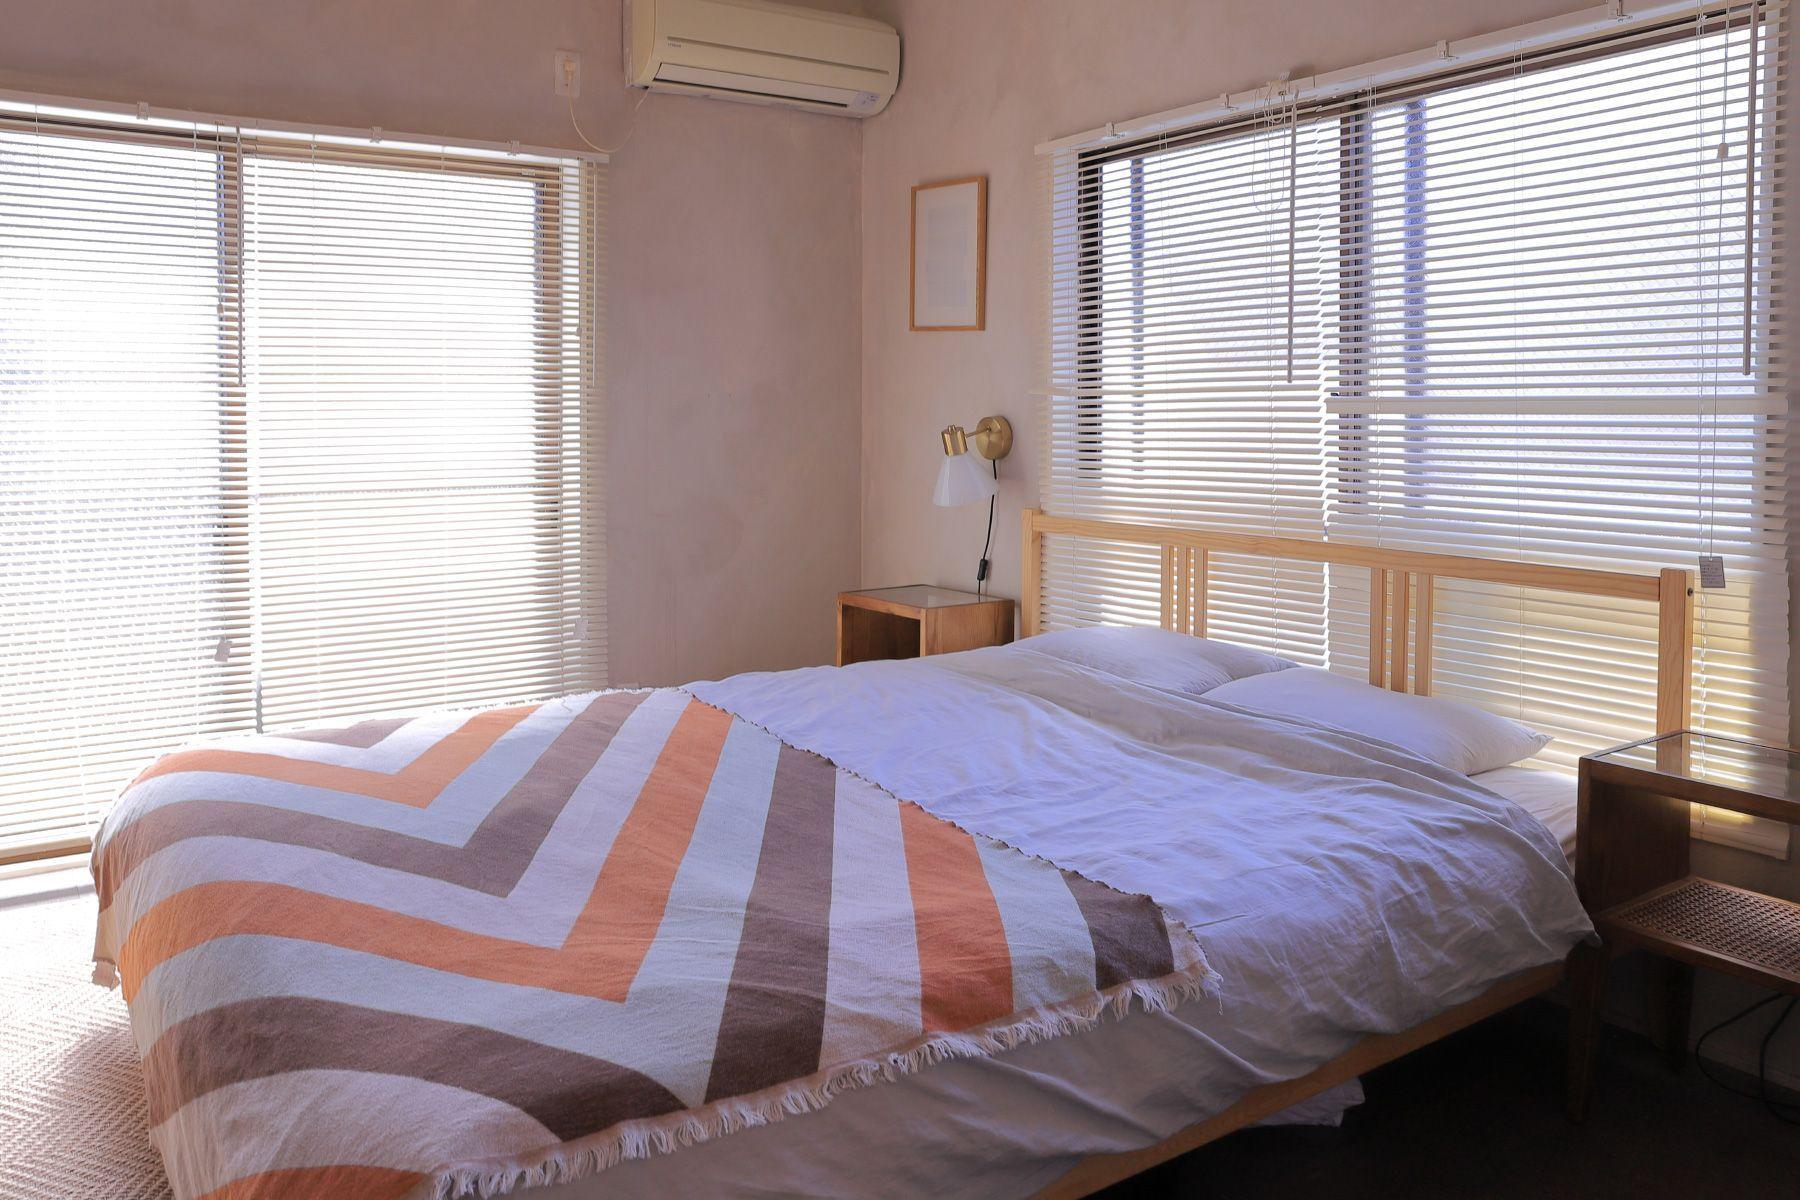 846 apartment (846 アパートメント)1F